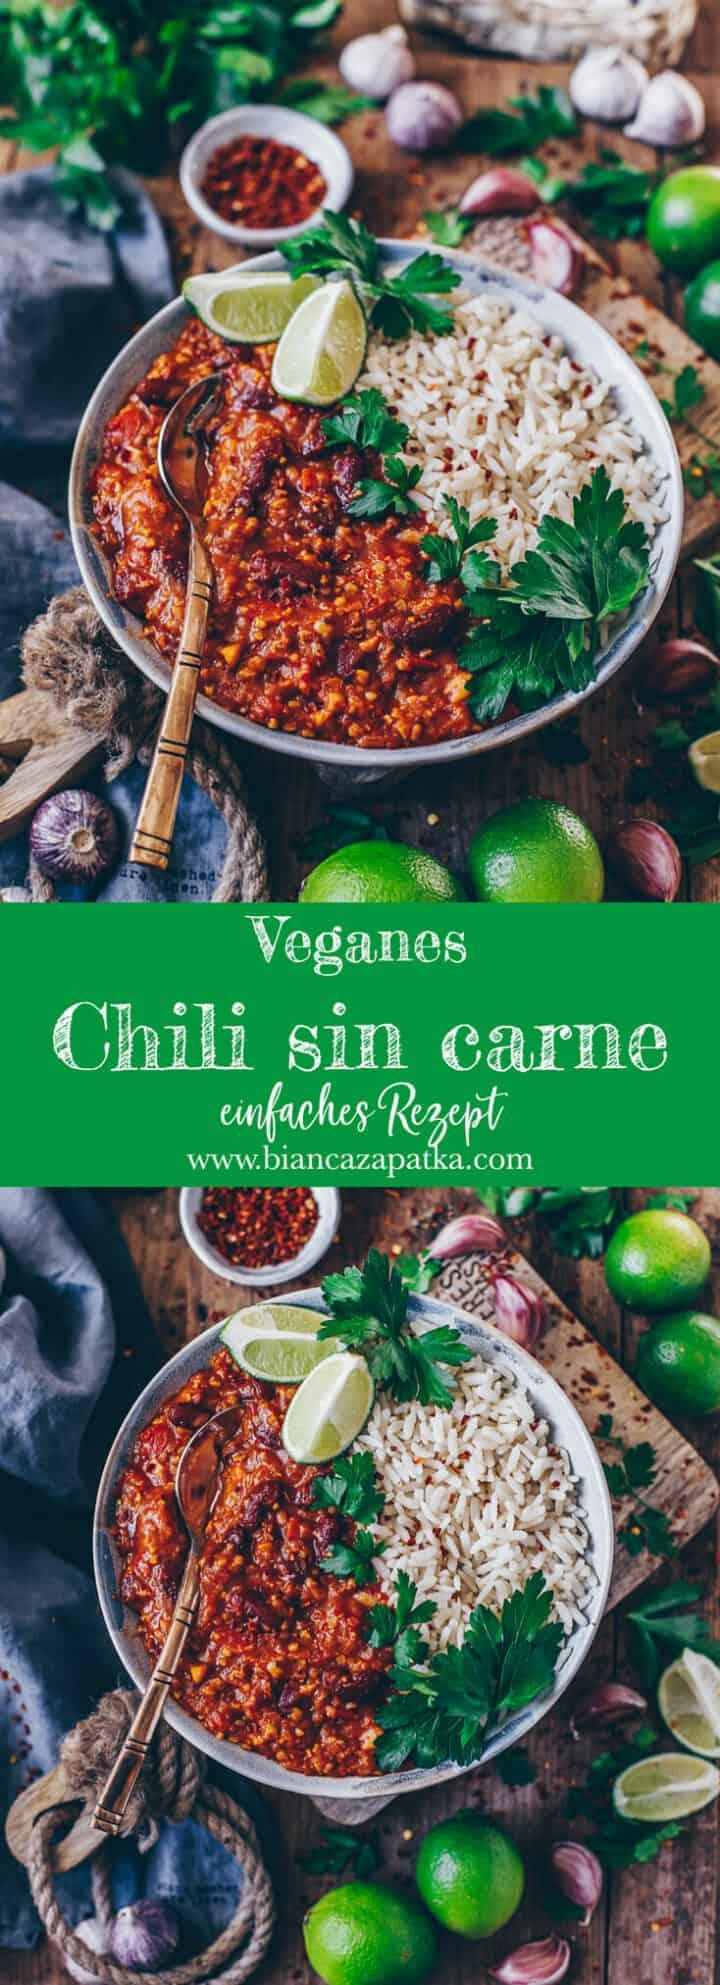 Dieses Chili sin Carne ist vegan, glutenfrei und schnell & einfach zubereitet - gesund, aber lecker, nahrhaft und vollgepackt mit Proteinen aus Soja und Kidneybohnen + guten Kohlenhydraten aus Reis!